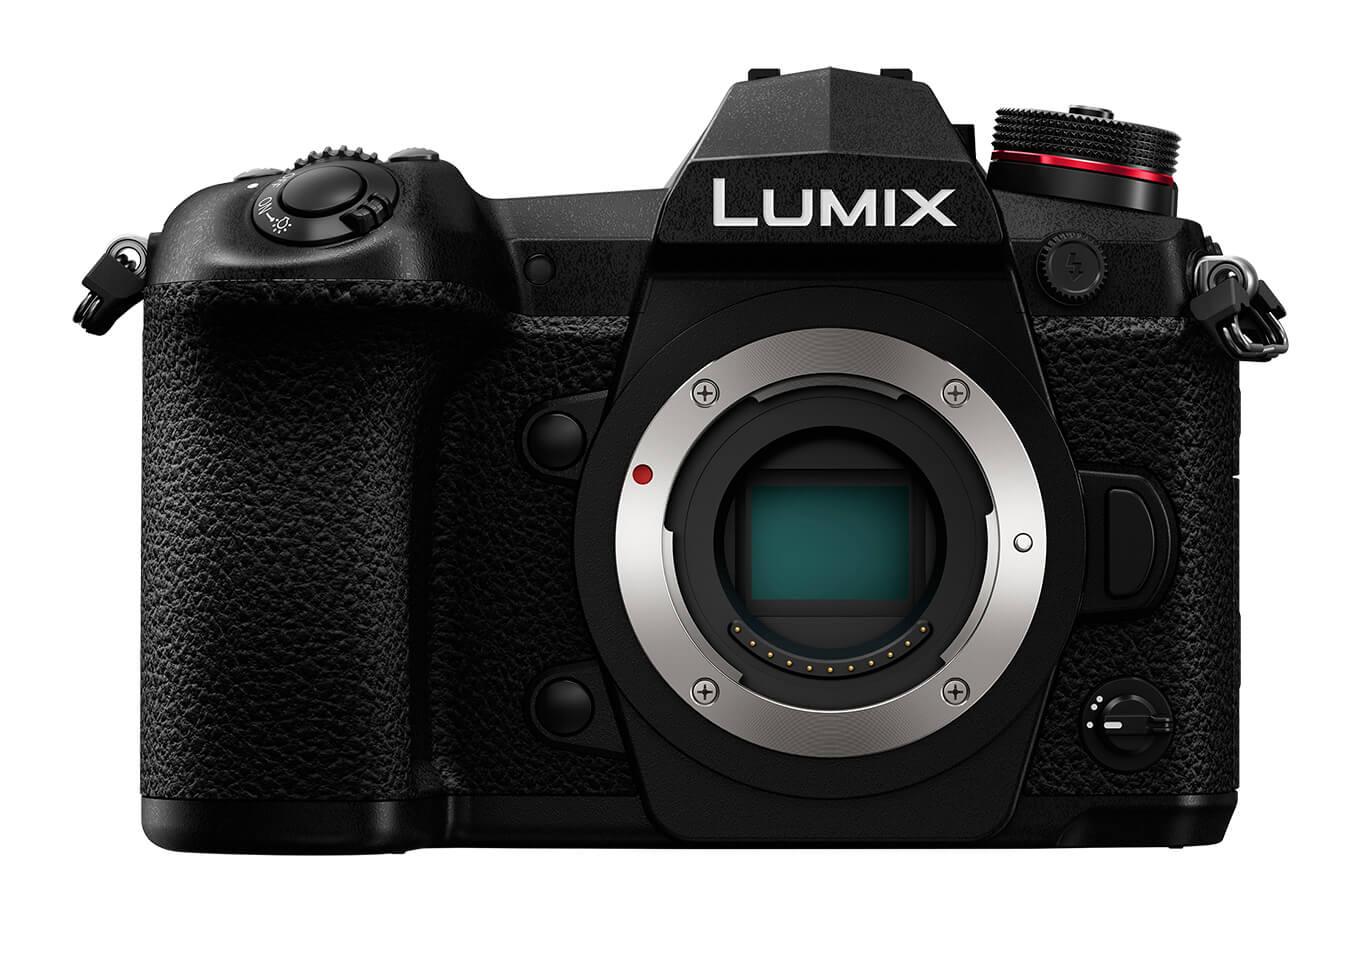 LUMIX G9 copy